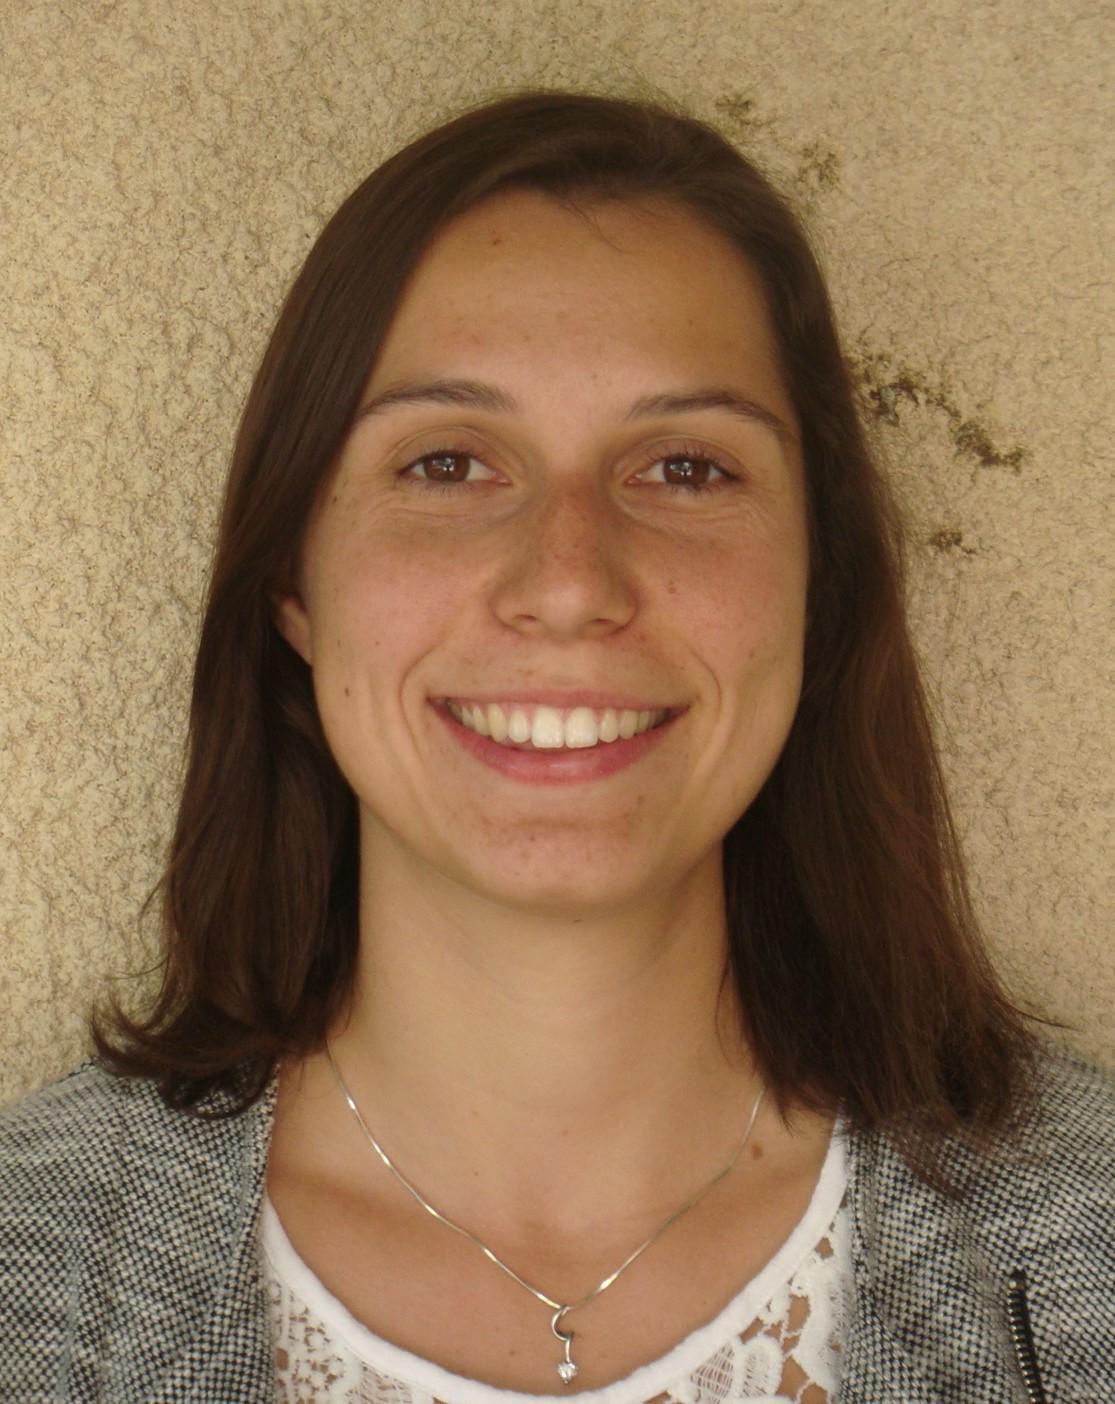 Laurie Bettega